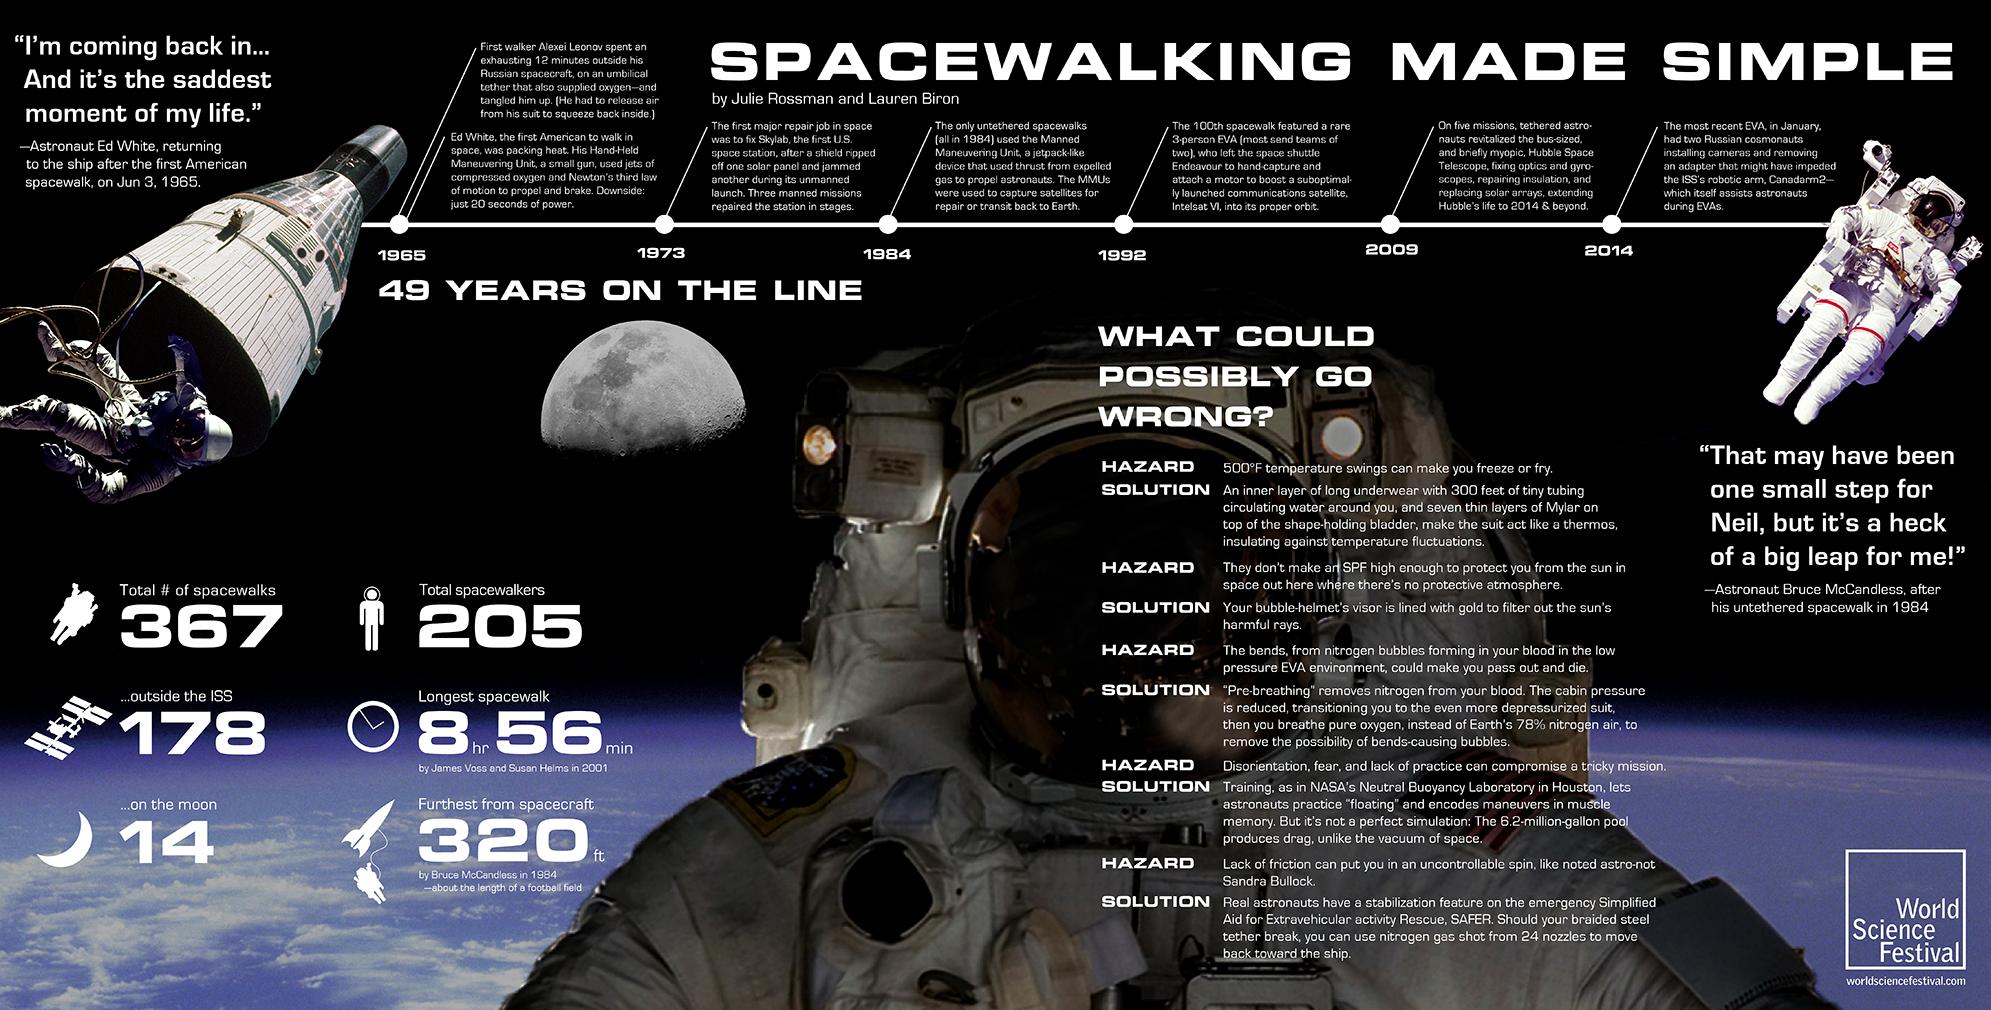 Spacewalking Made Simple